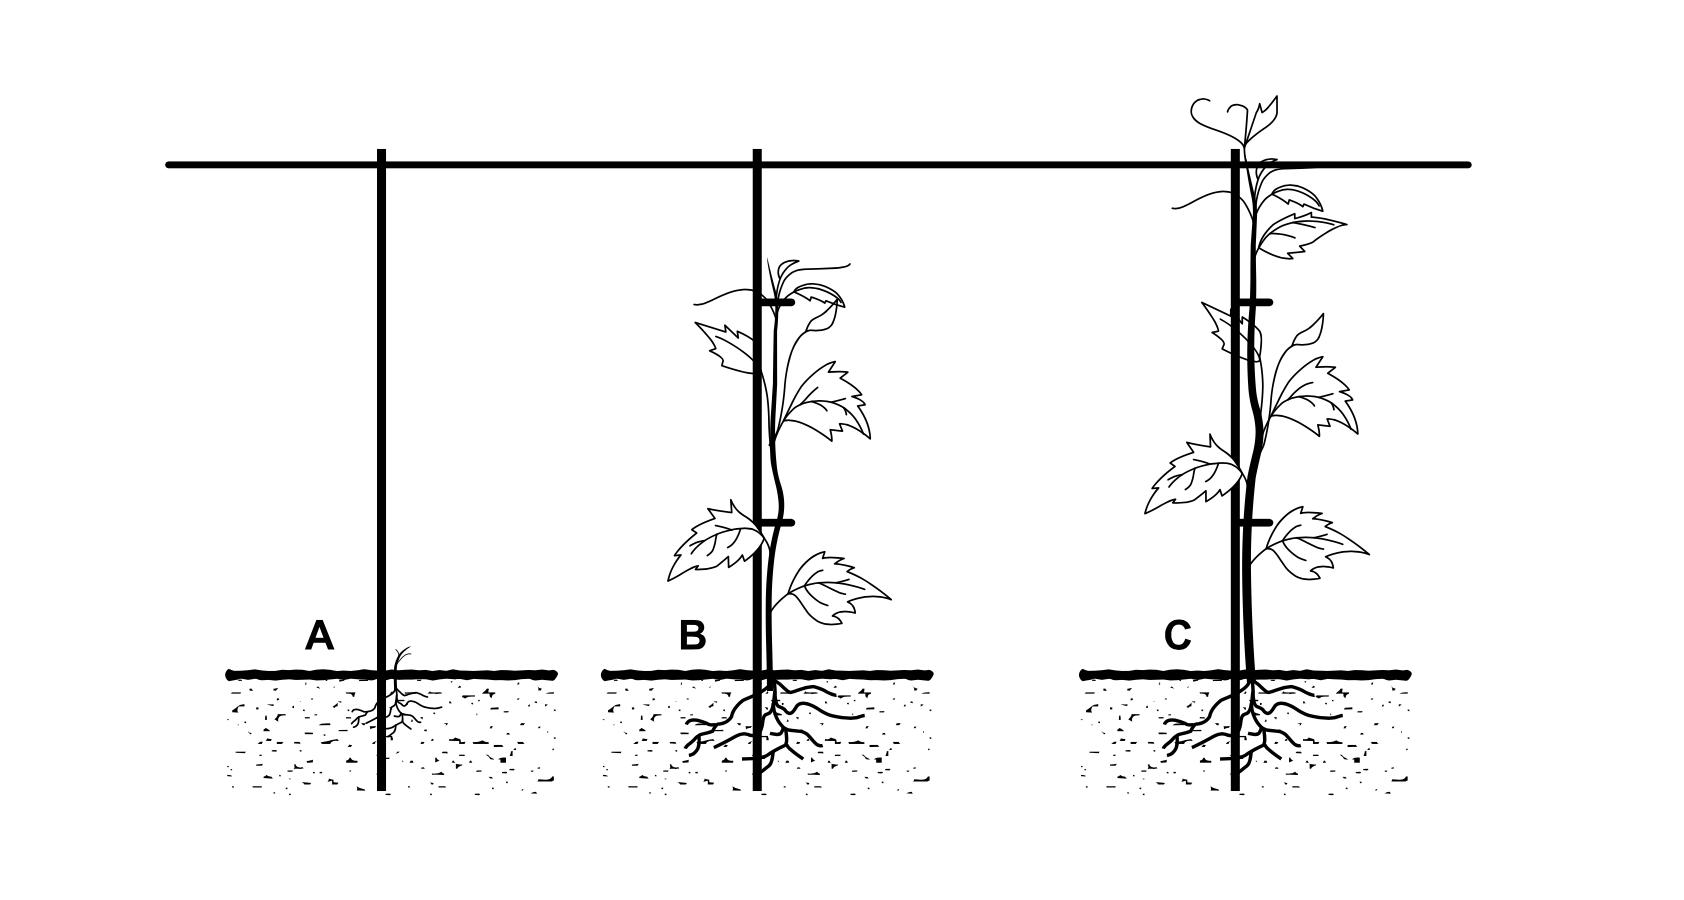 Imagem mostrando como posicionar videira